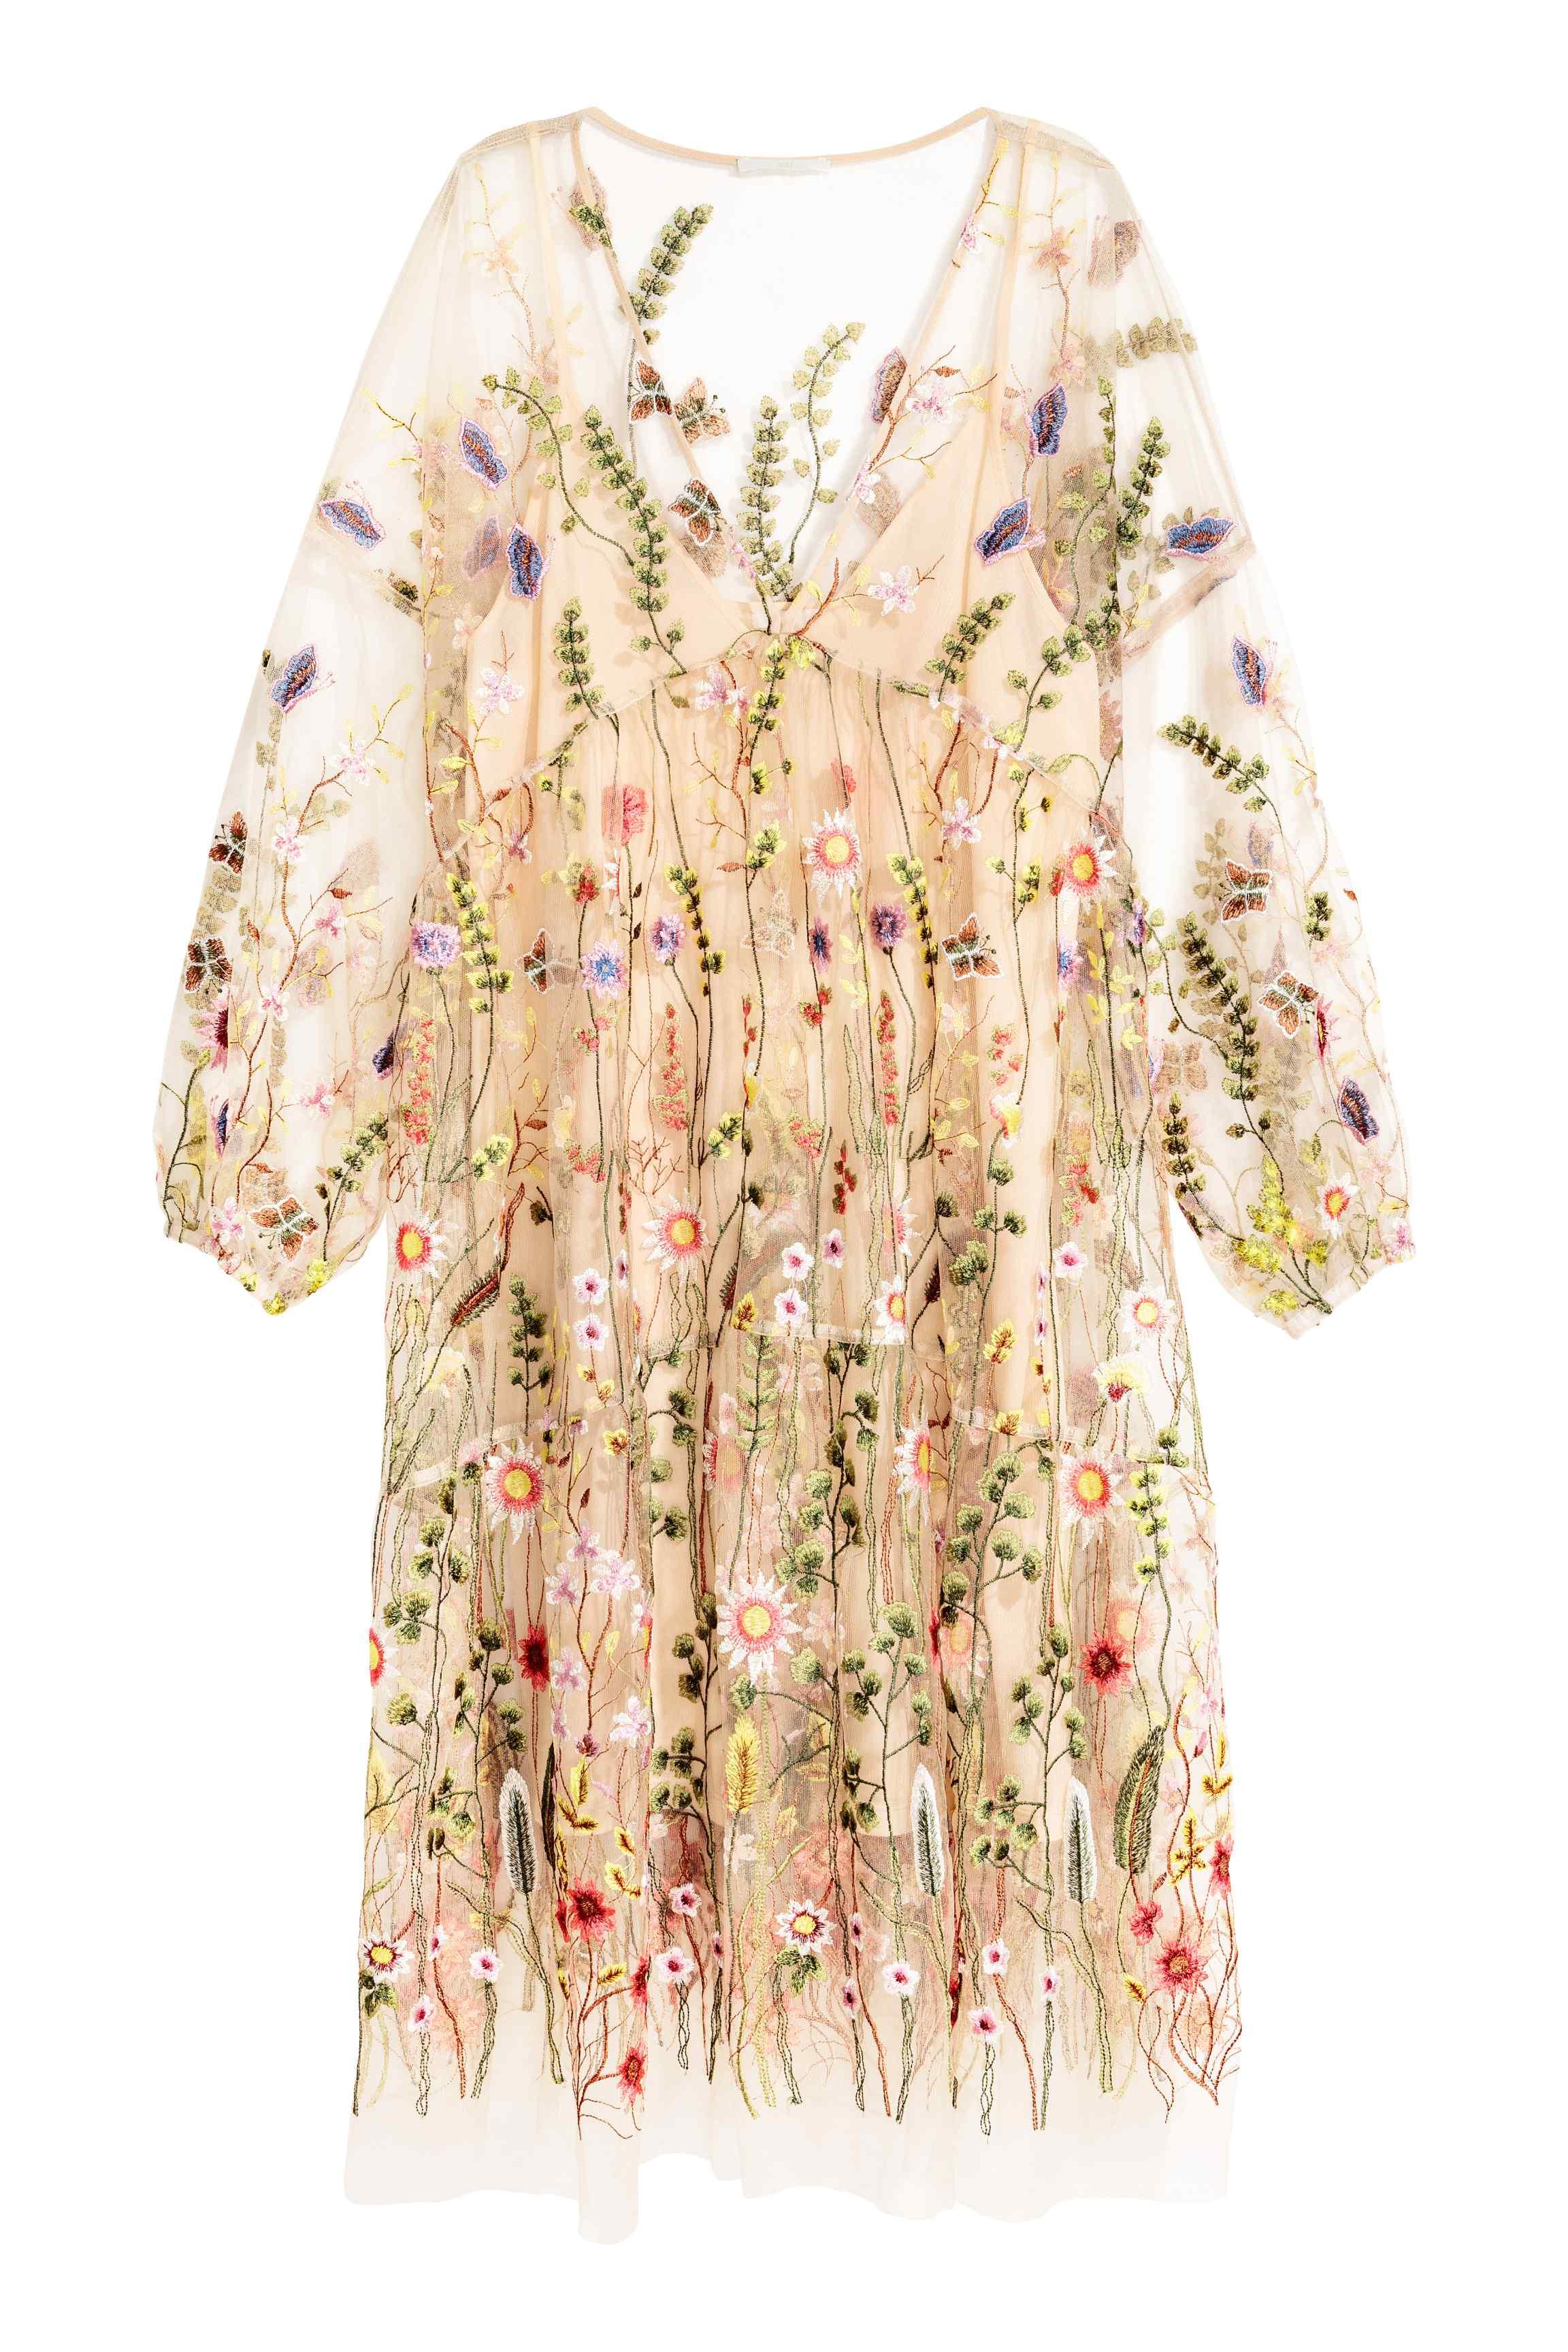 robe pastel 20 robes pastel pour le printemps elle. Black Bedroom Furniture Sets. Home Design Ideas